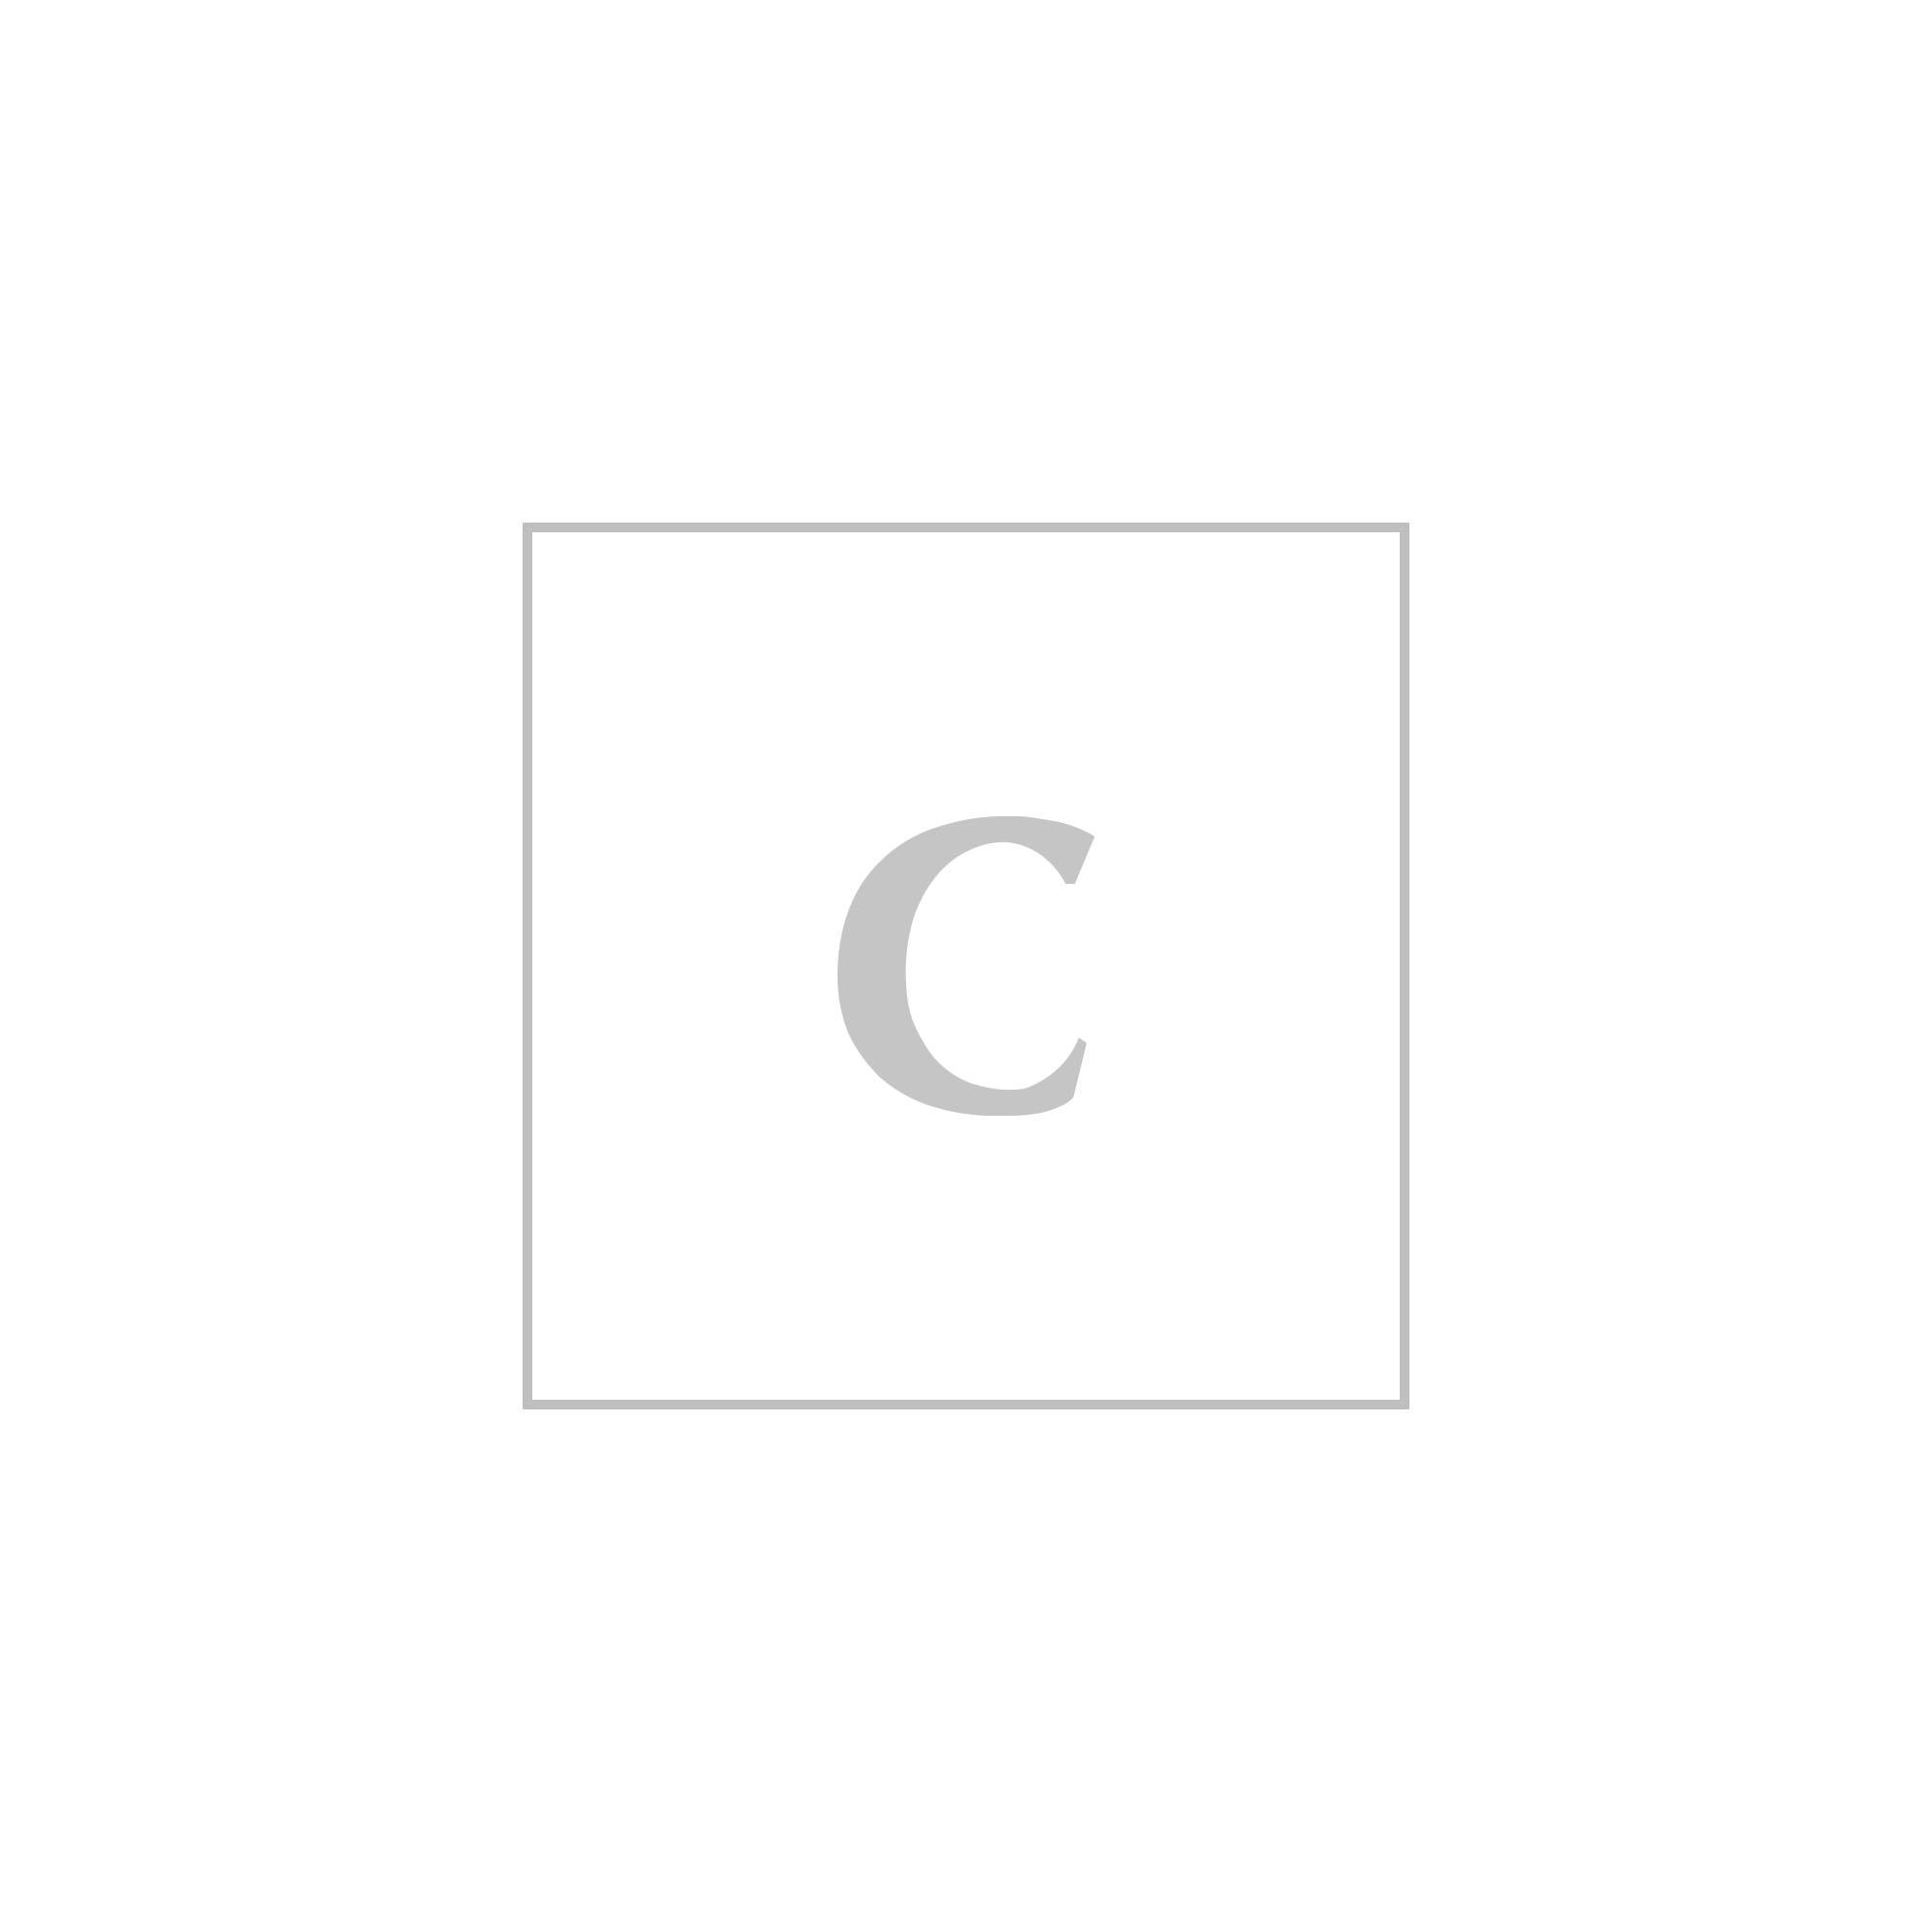 Dolce & gabbana zaino ny st.2col+ny+canv+dauphine